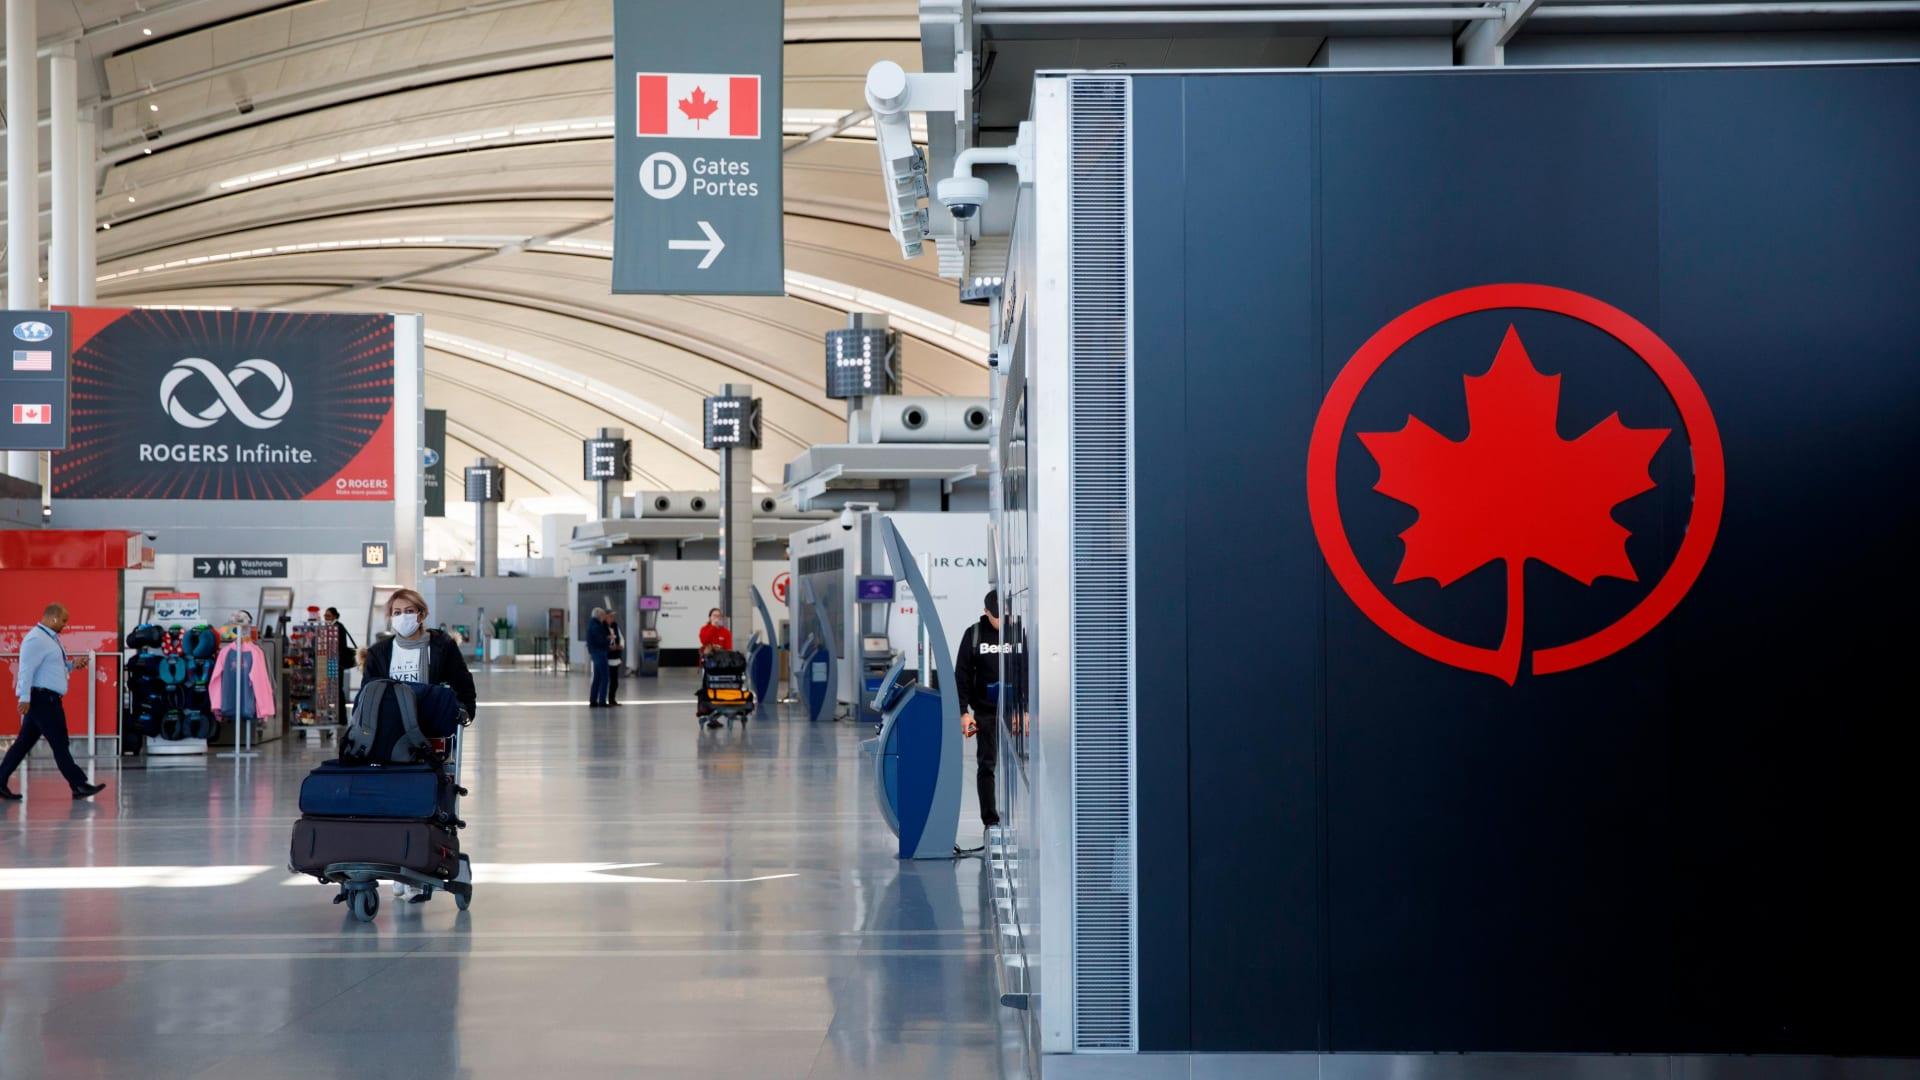 كندا تغرم مسافرين بحوالي 20 ألف دولار بسبب معلومات كاذبة عن فيروس كورونا